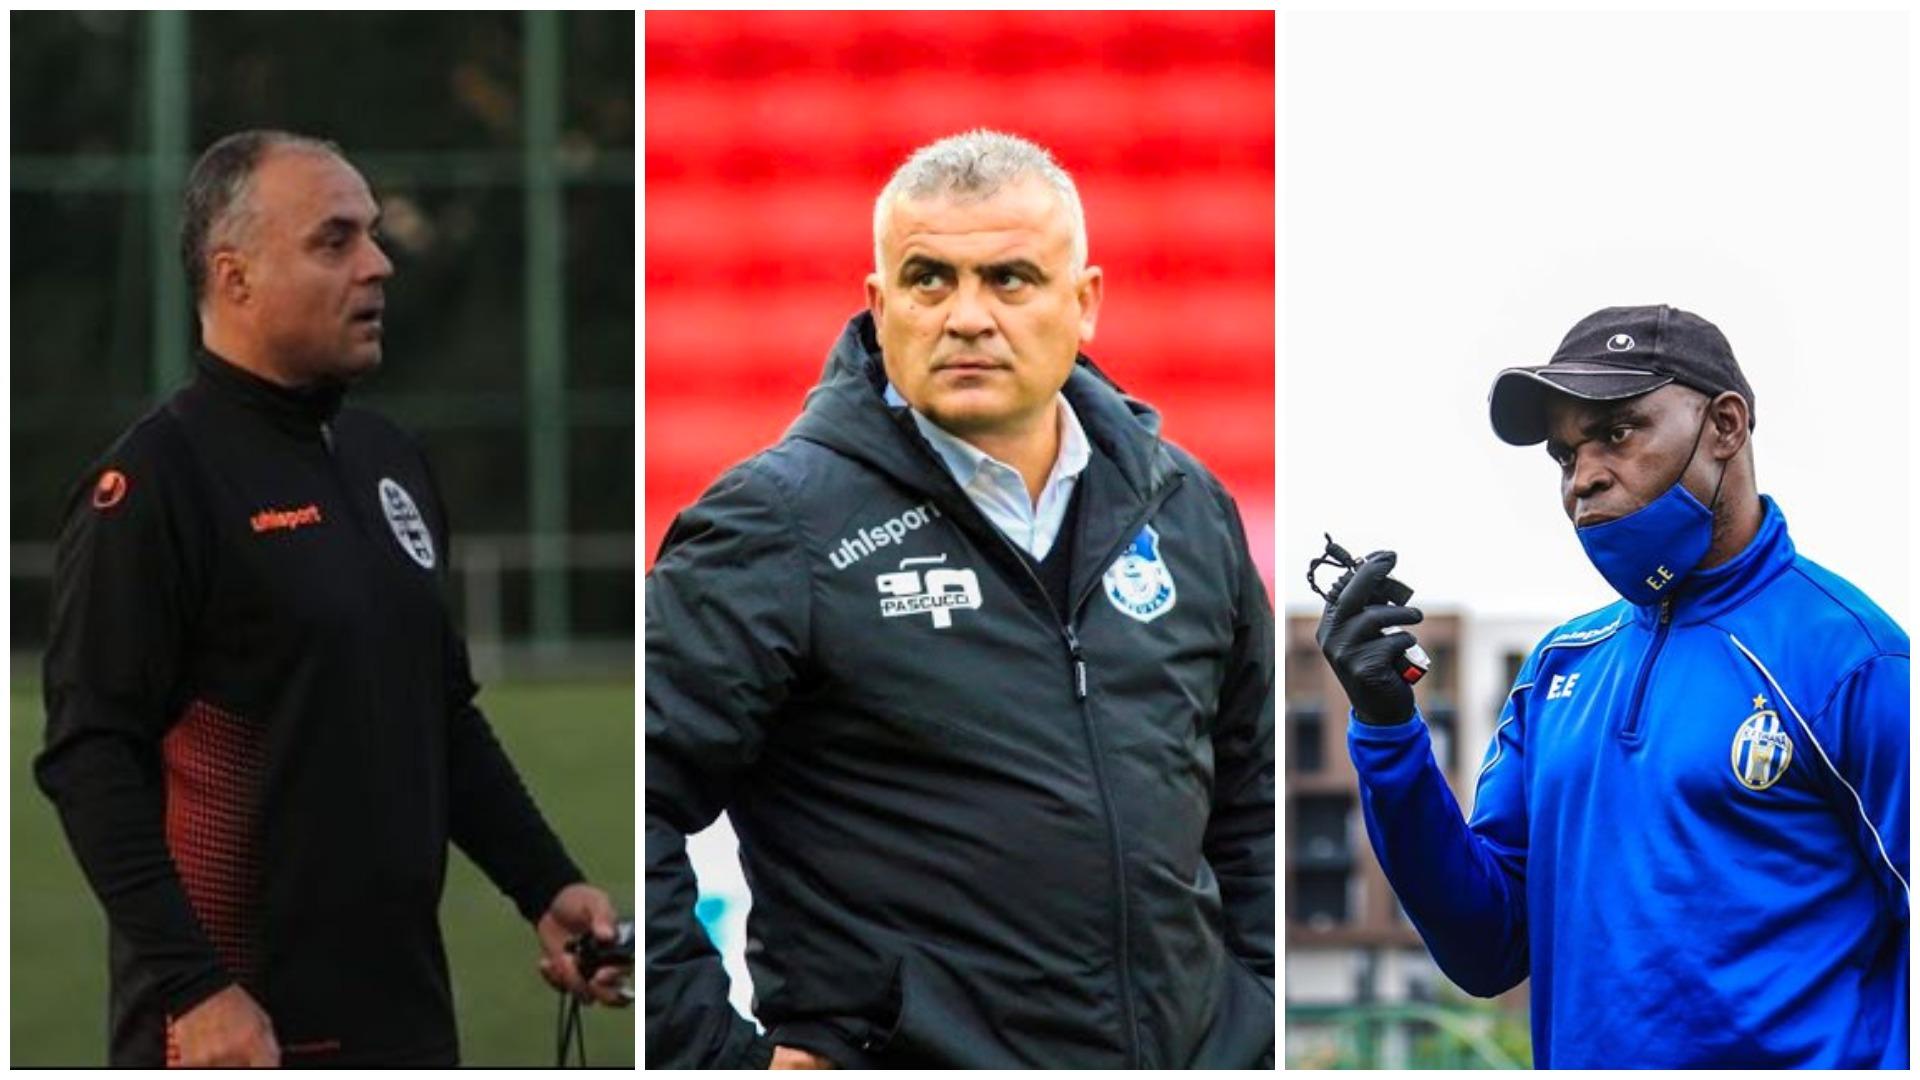 Tre trajnerët më të mirë në Superiore, analistët në Pressing zgjedhin